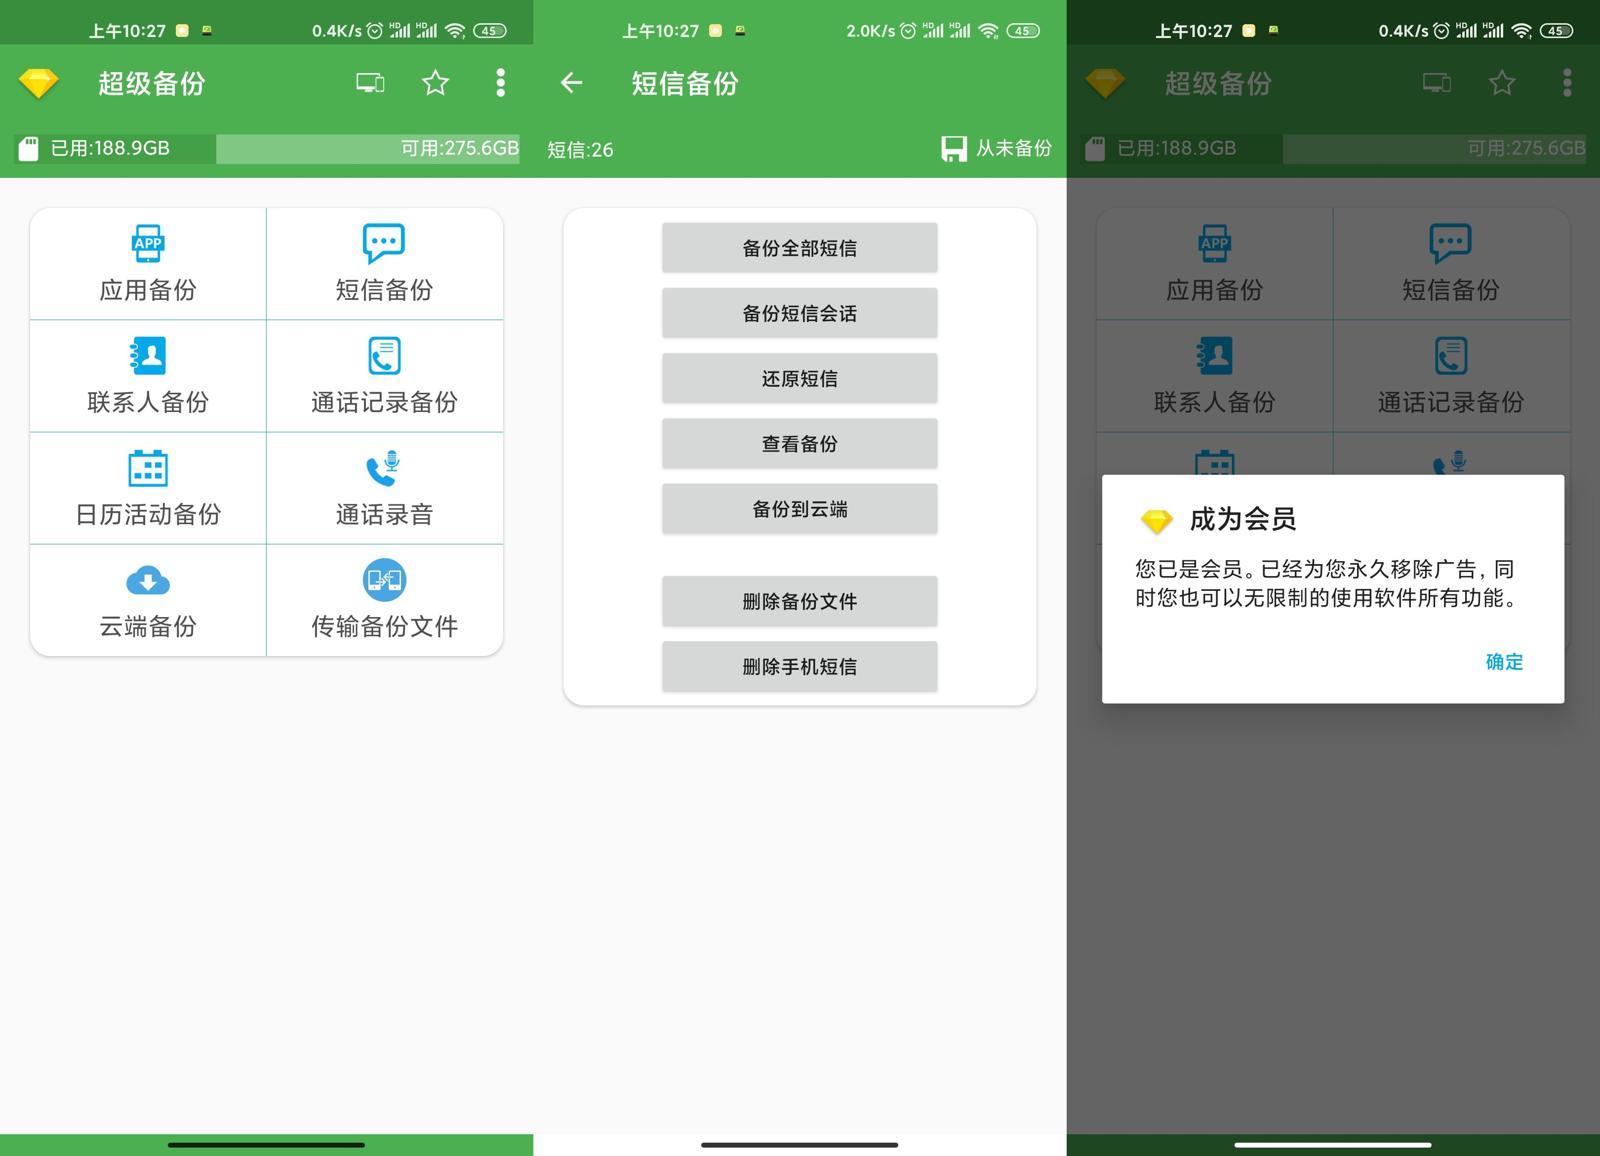 安卓超级备份v2.3.18绿化版